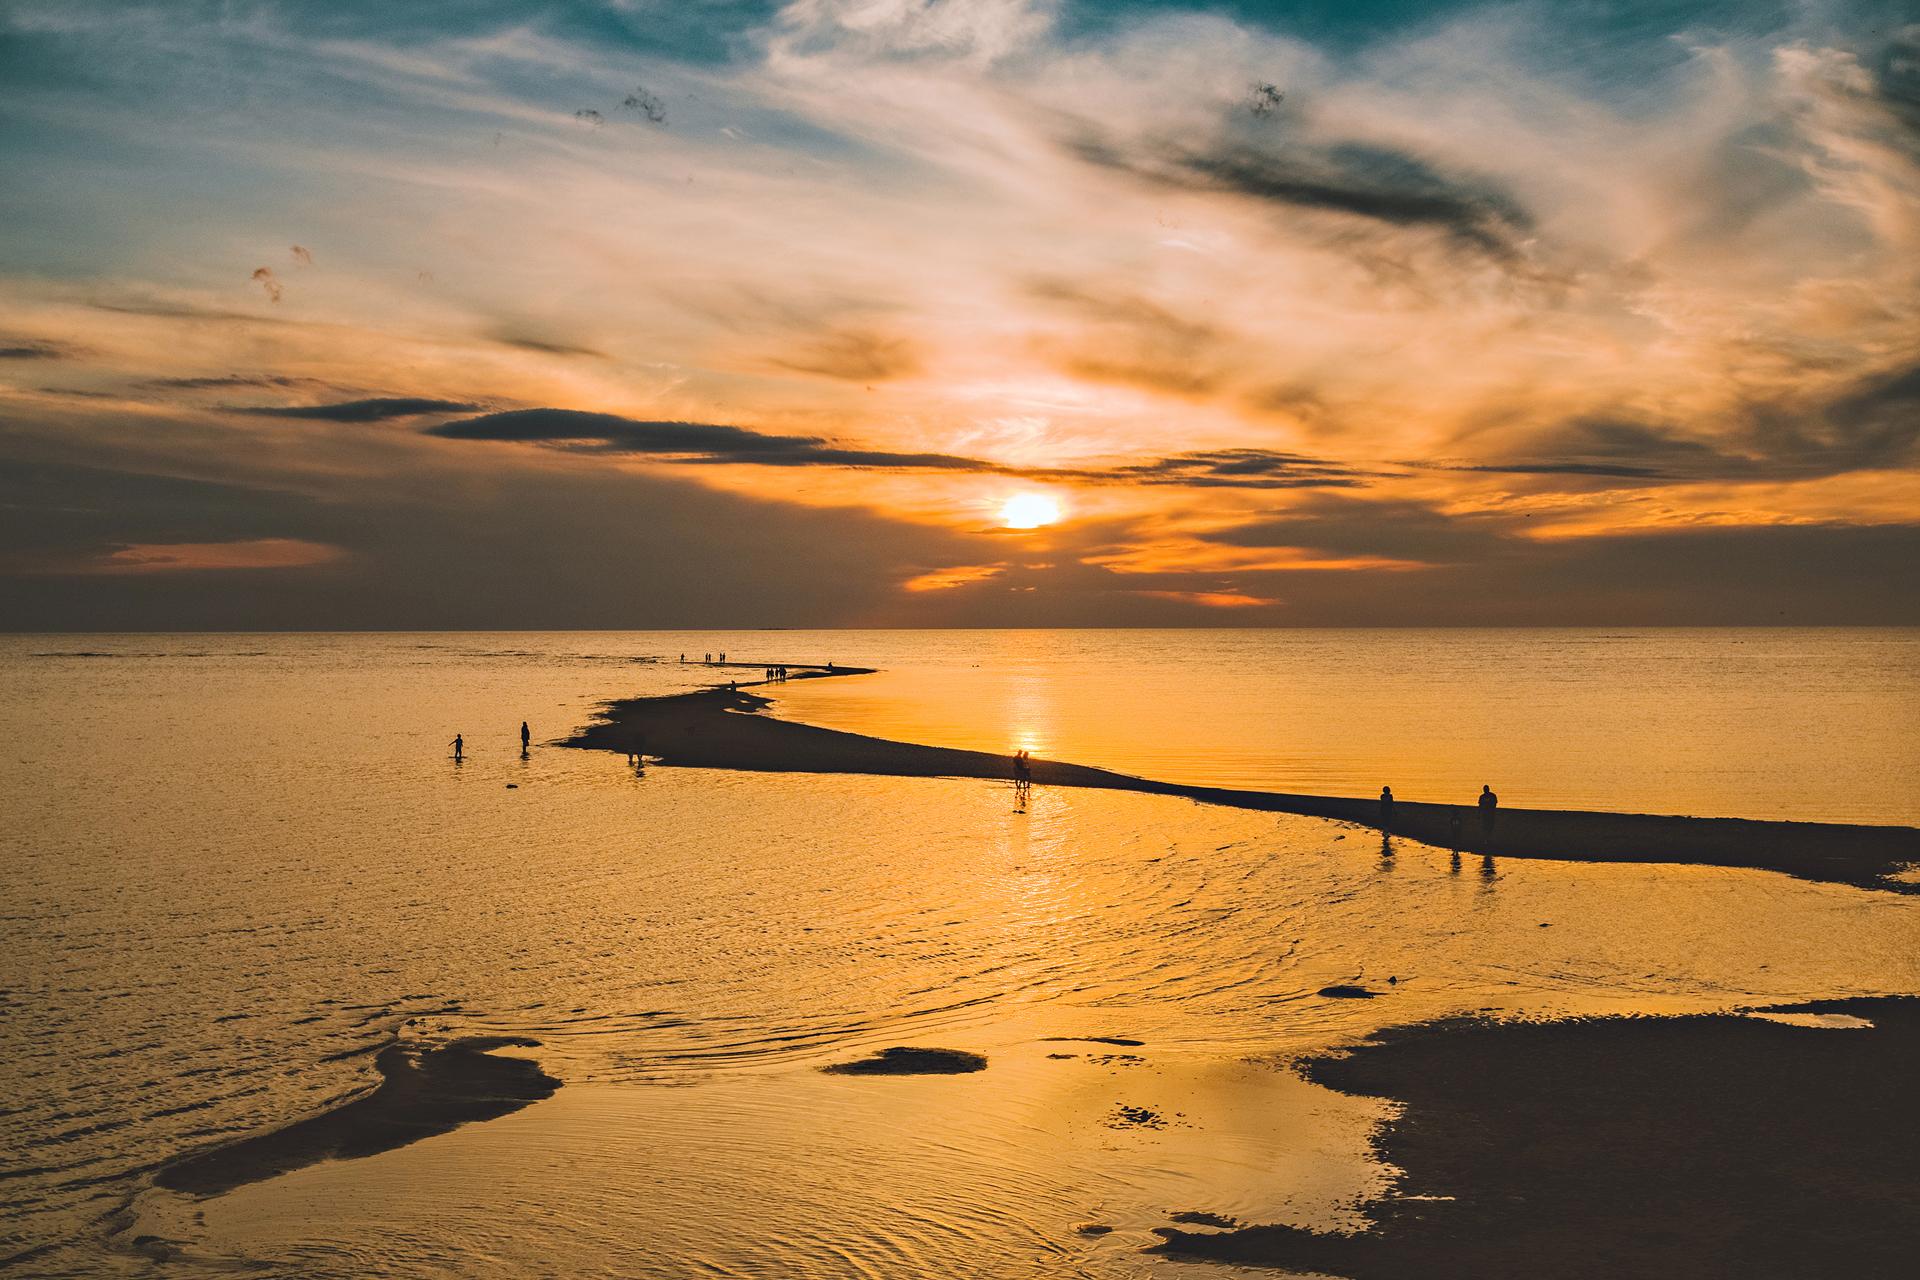 Sunset at the beaches in Kalajoki Hiekkasärkät, photo Henri Luoma